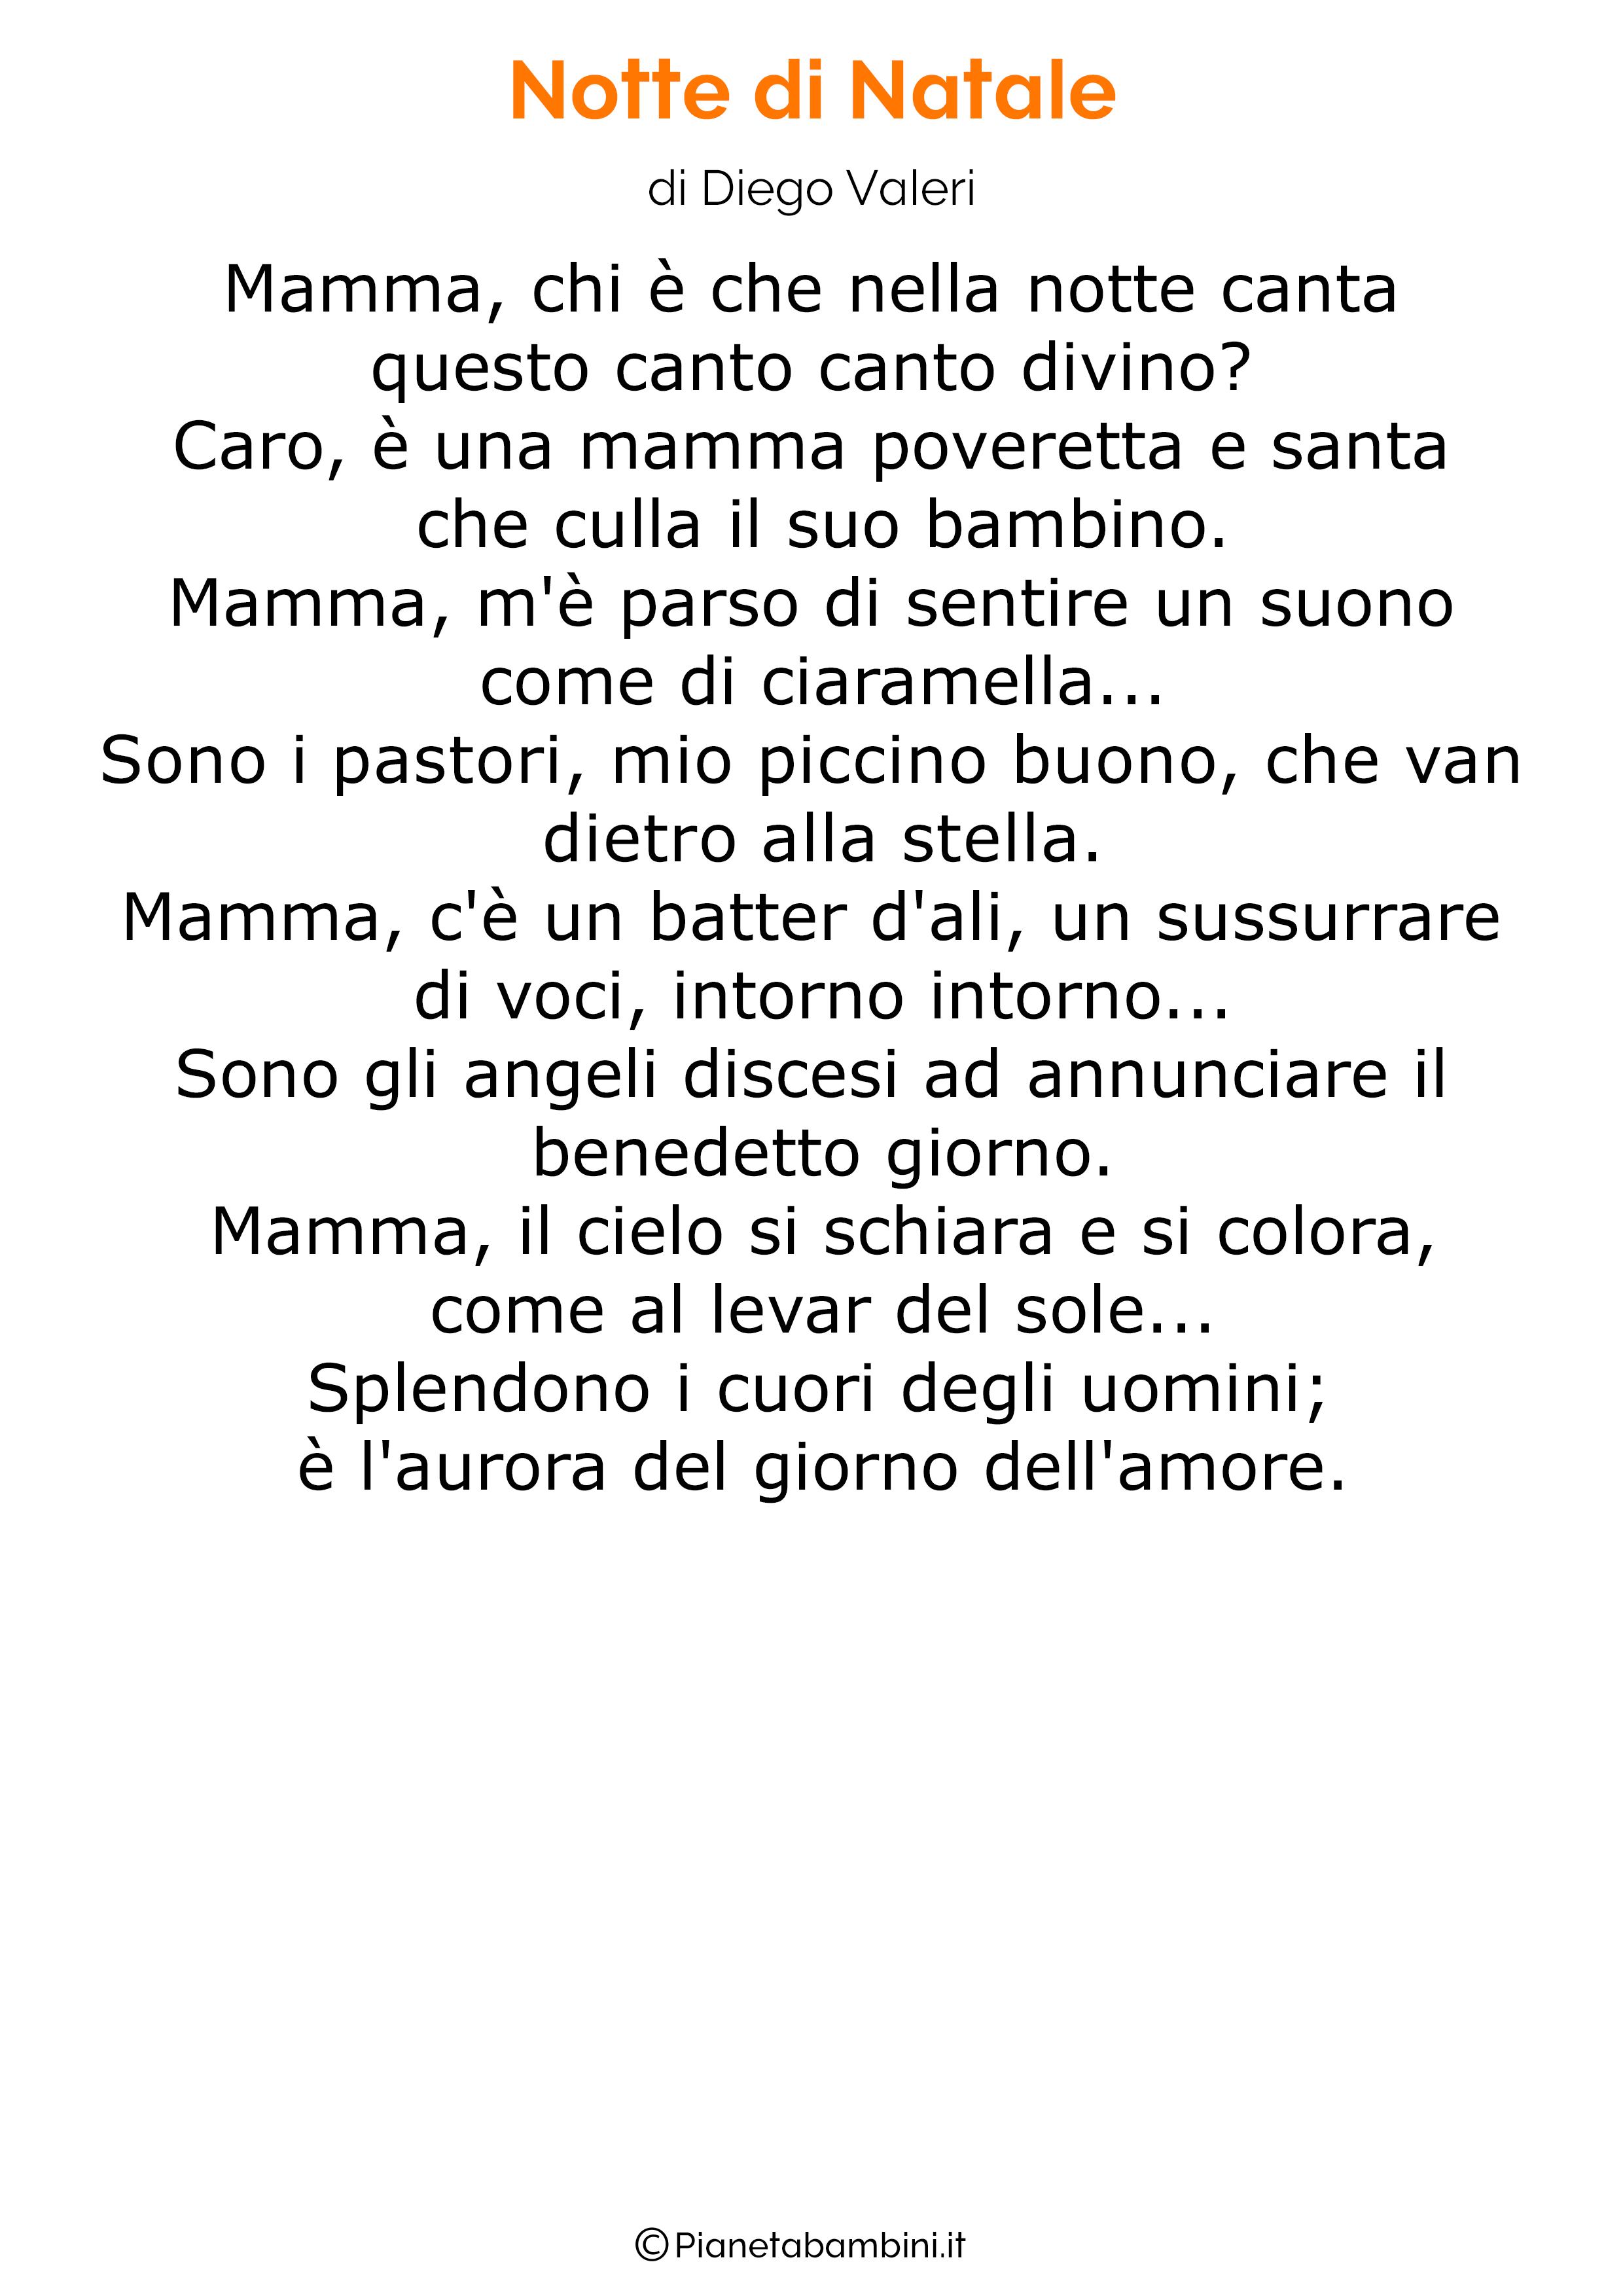 Poesia di Natale 05